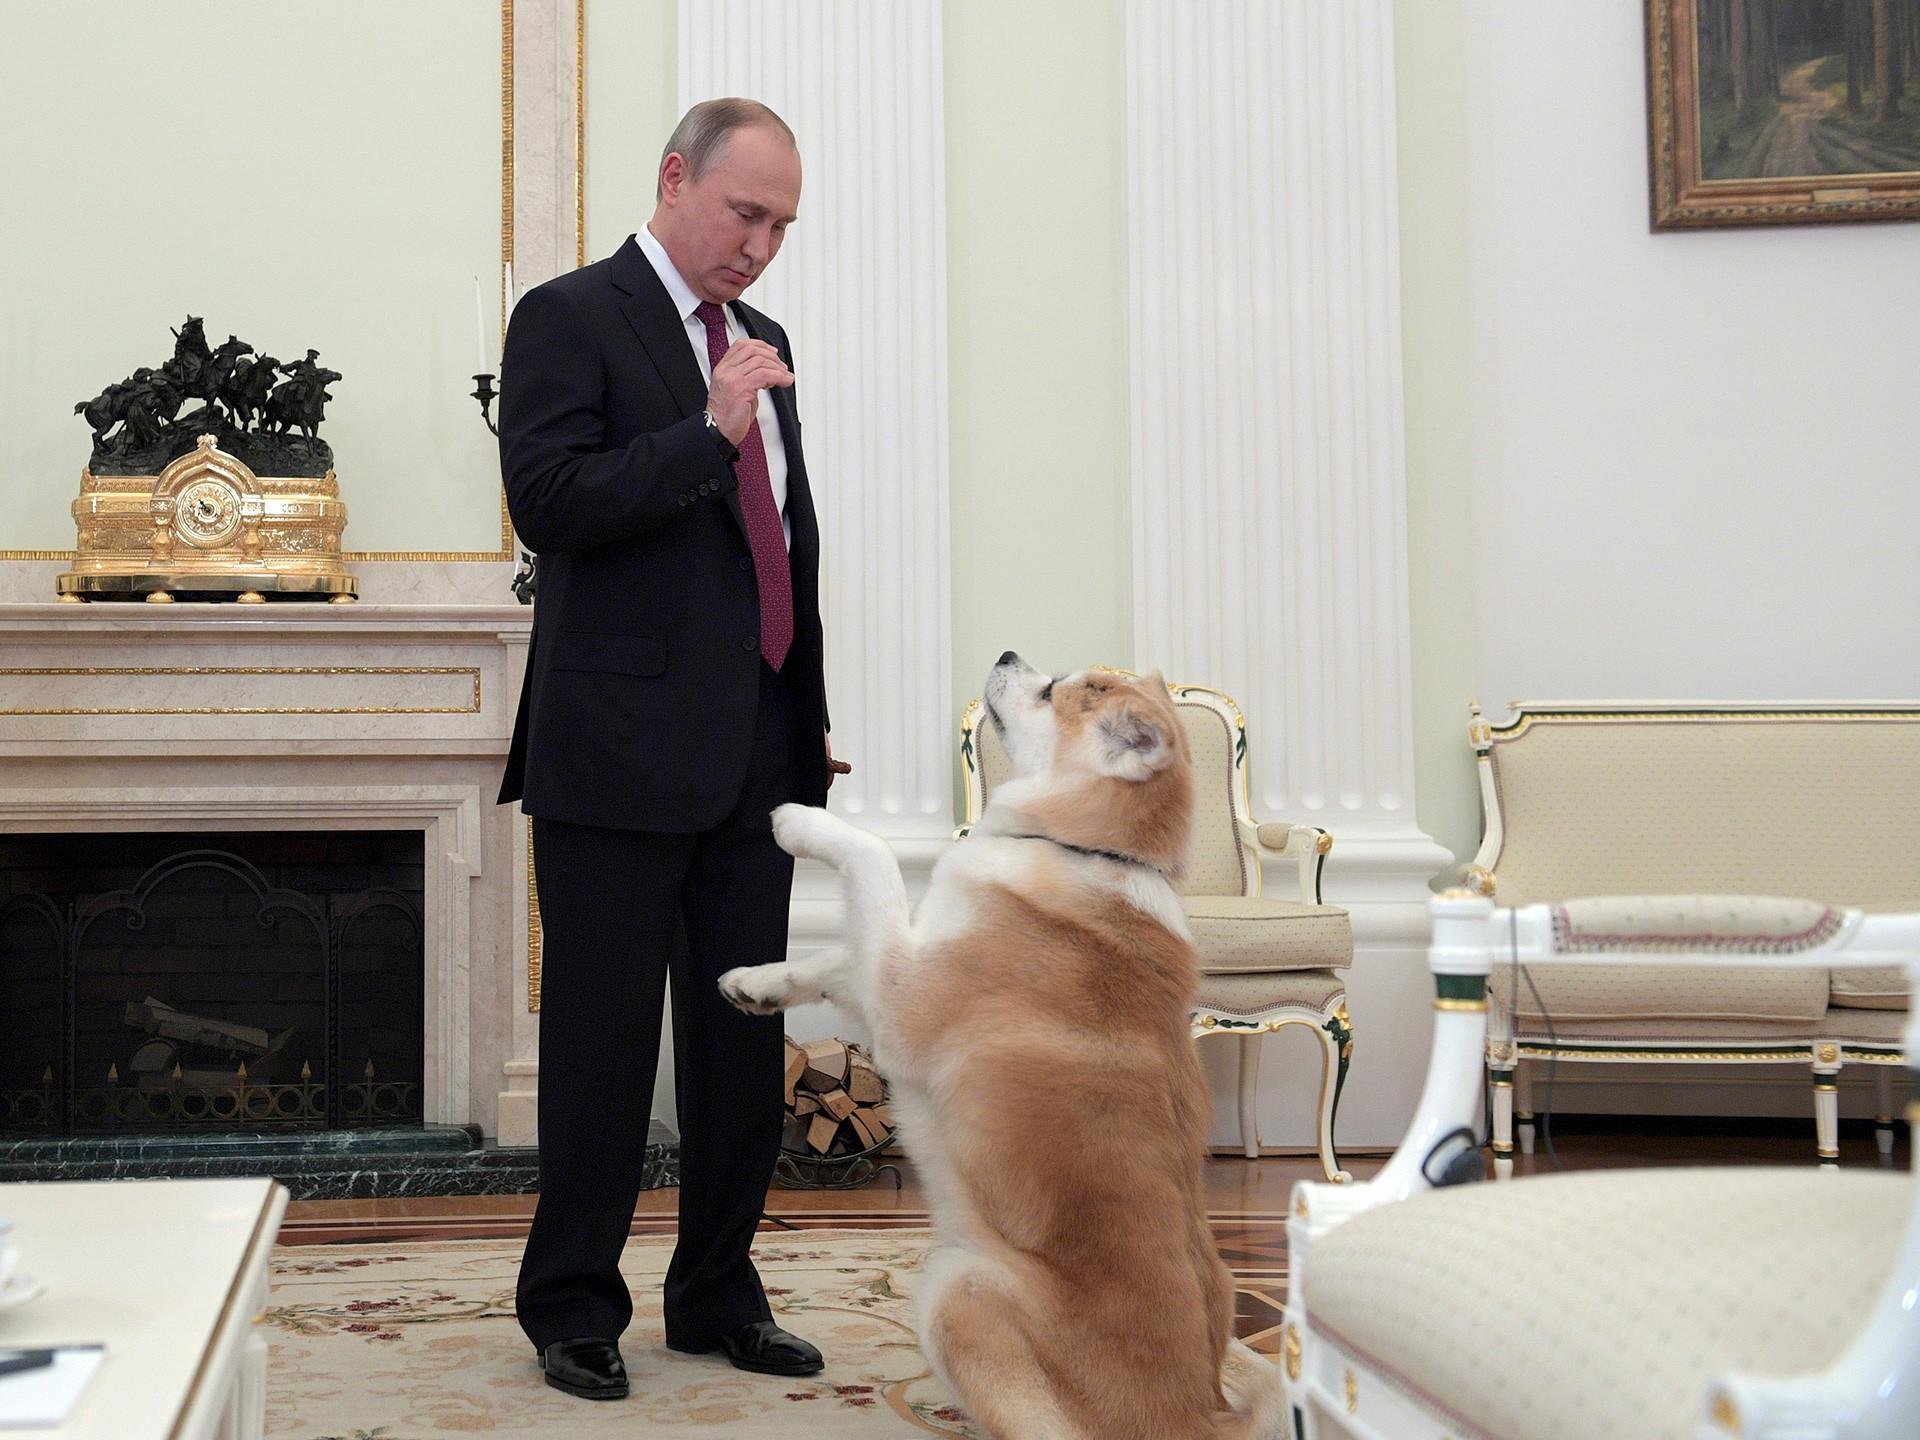 Рускиoт претседател Владимир Путин со своето куче  Јуме од расата акита ину во Кремљ.